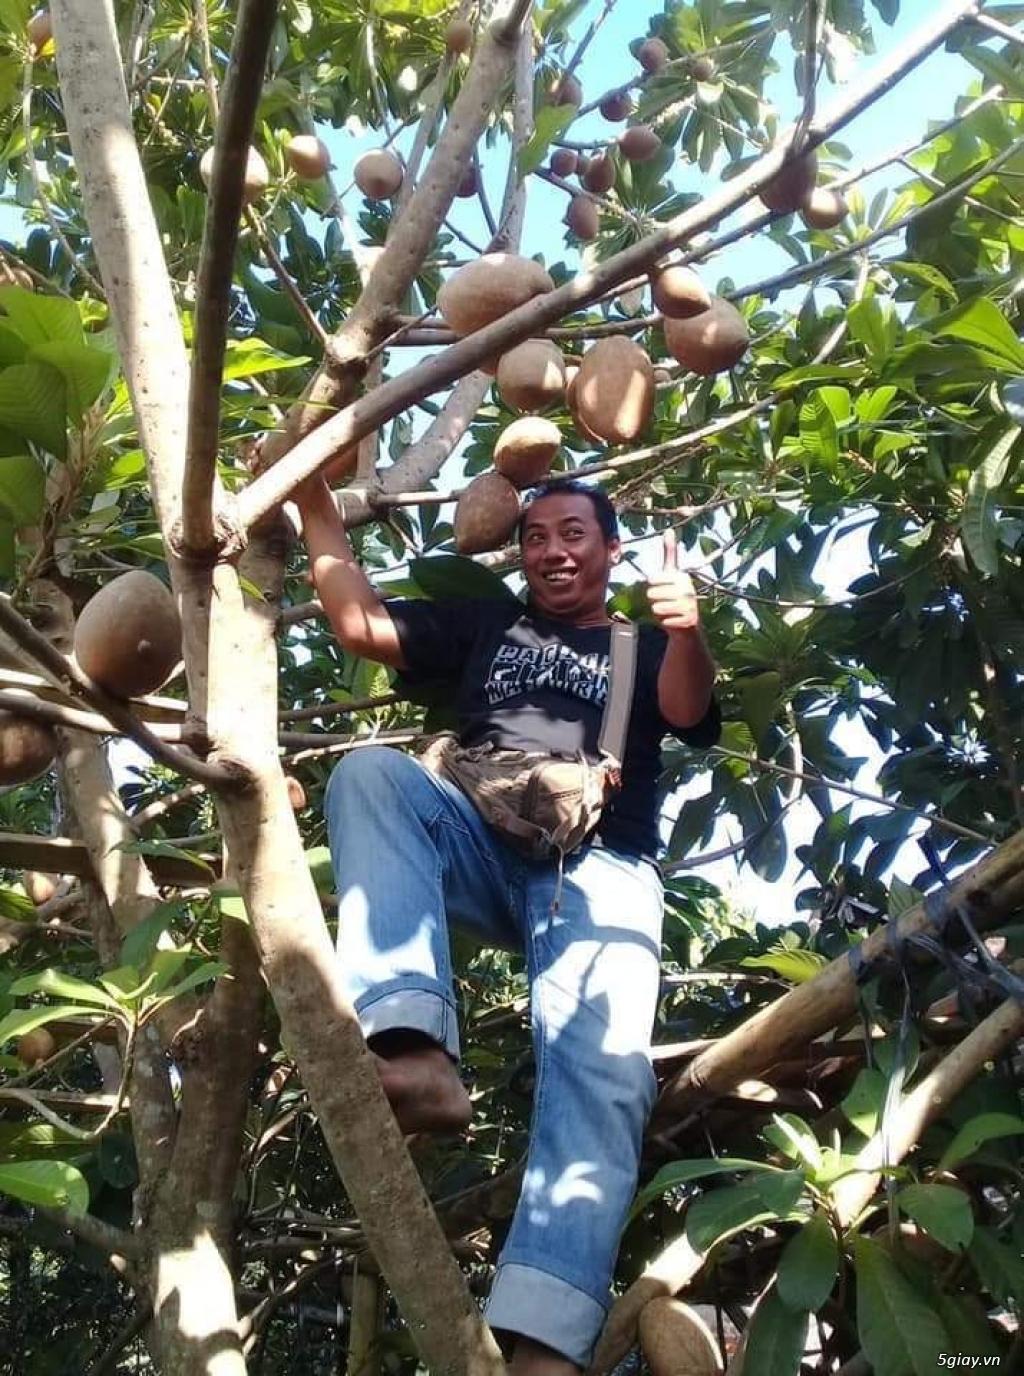 Bán cây hồng xiêm Thái Lan khổng lồ 200k/cây... 08 184 89919 Zalo - 4